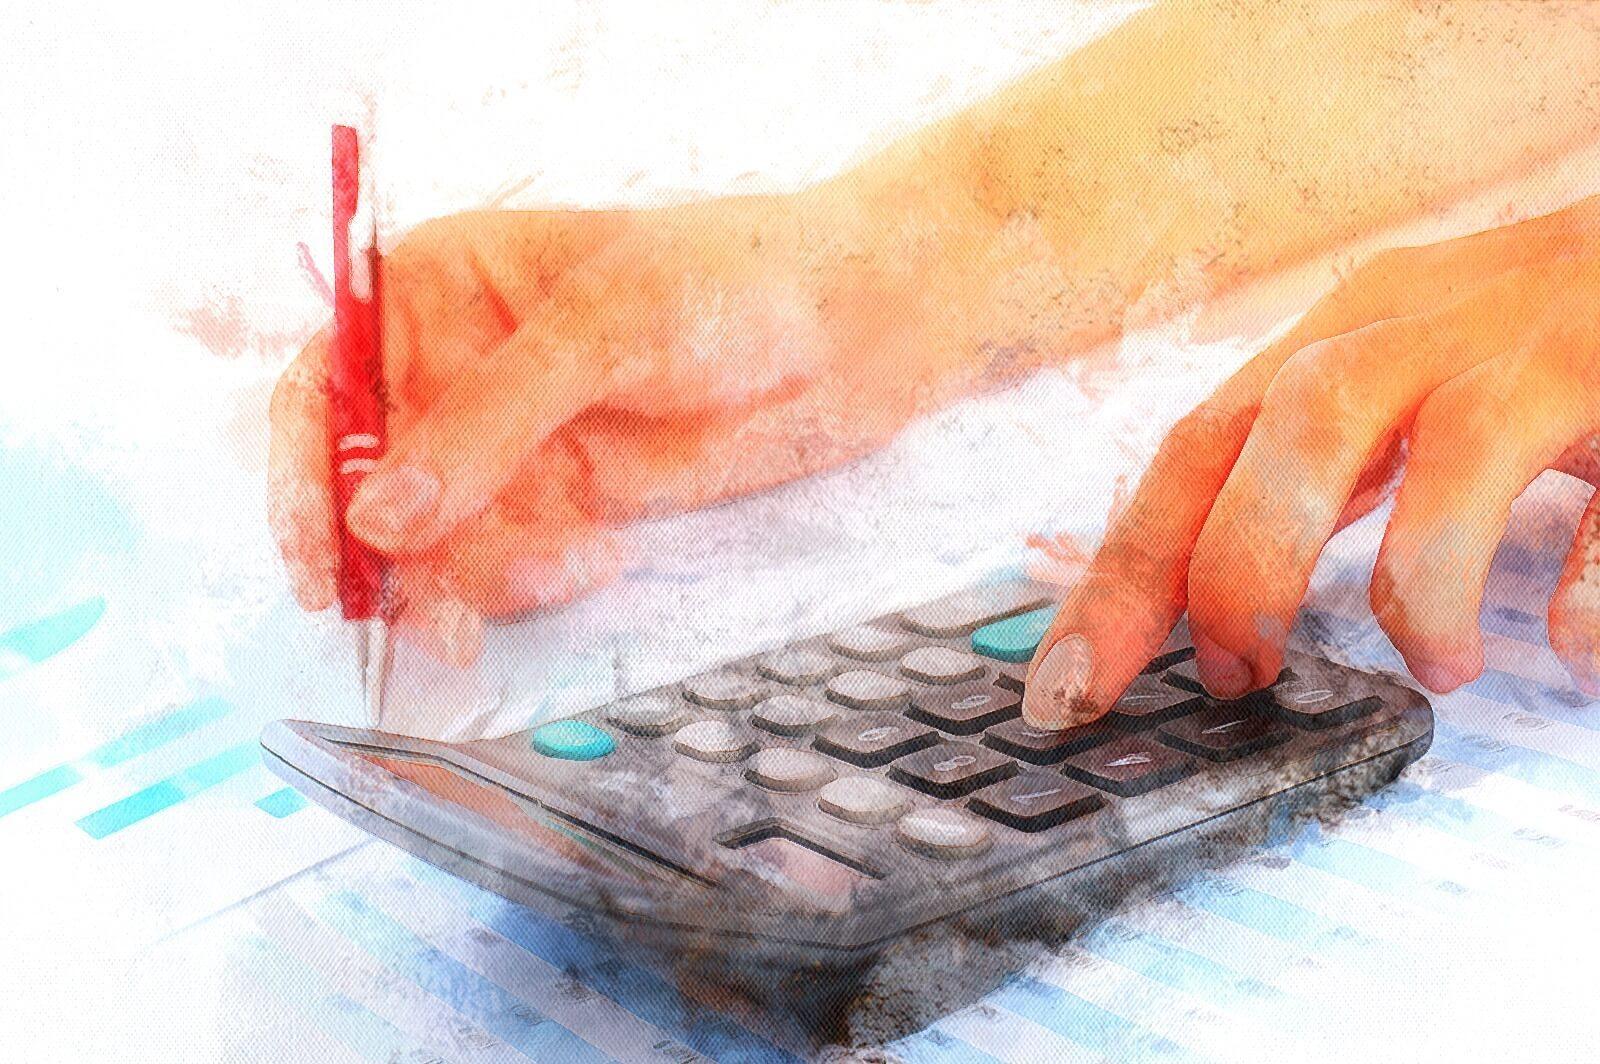 Кредитный калькулятор по зарплате поможет рассчитать ипотеку или потребительский кредит